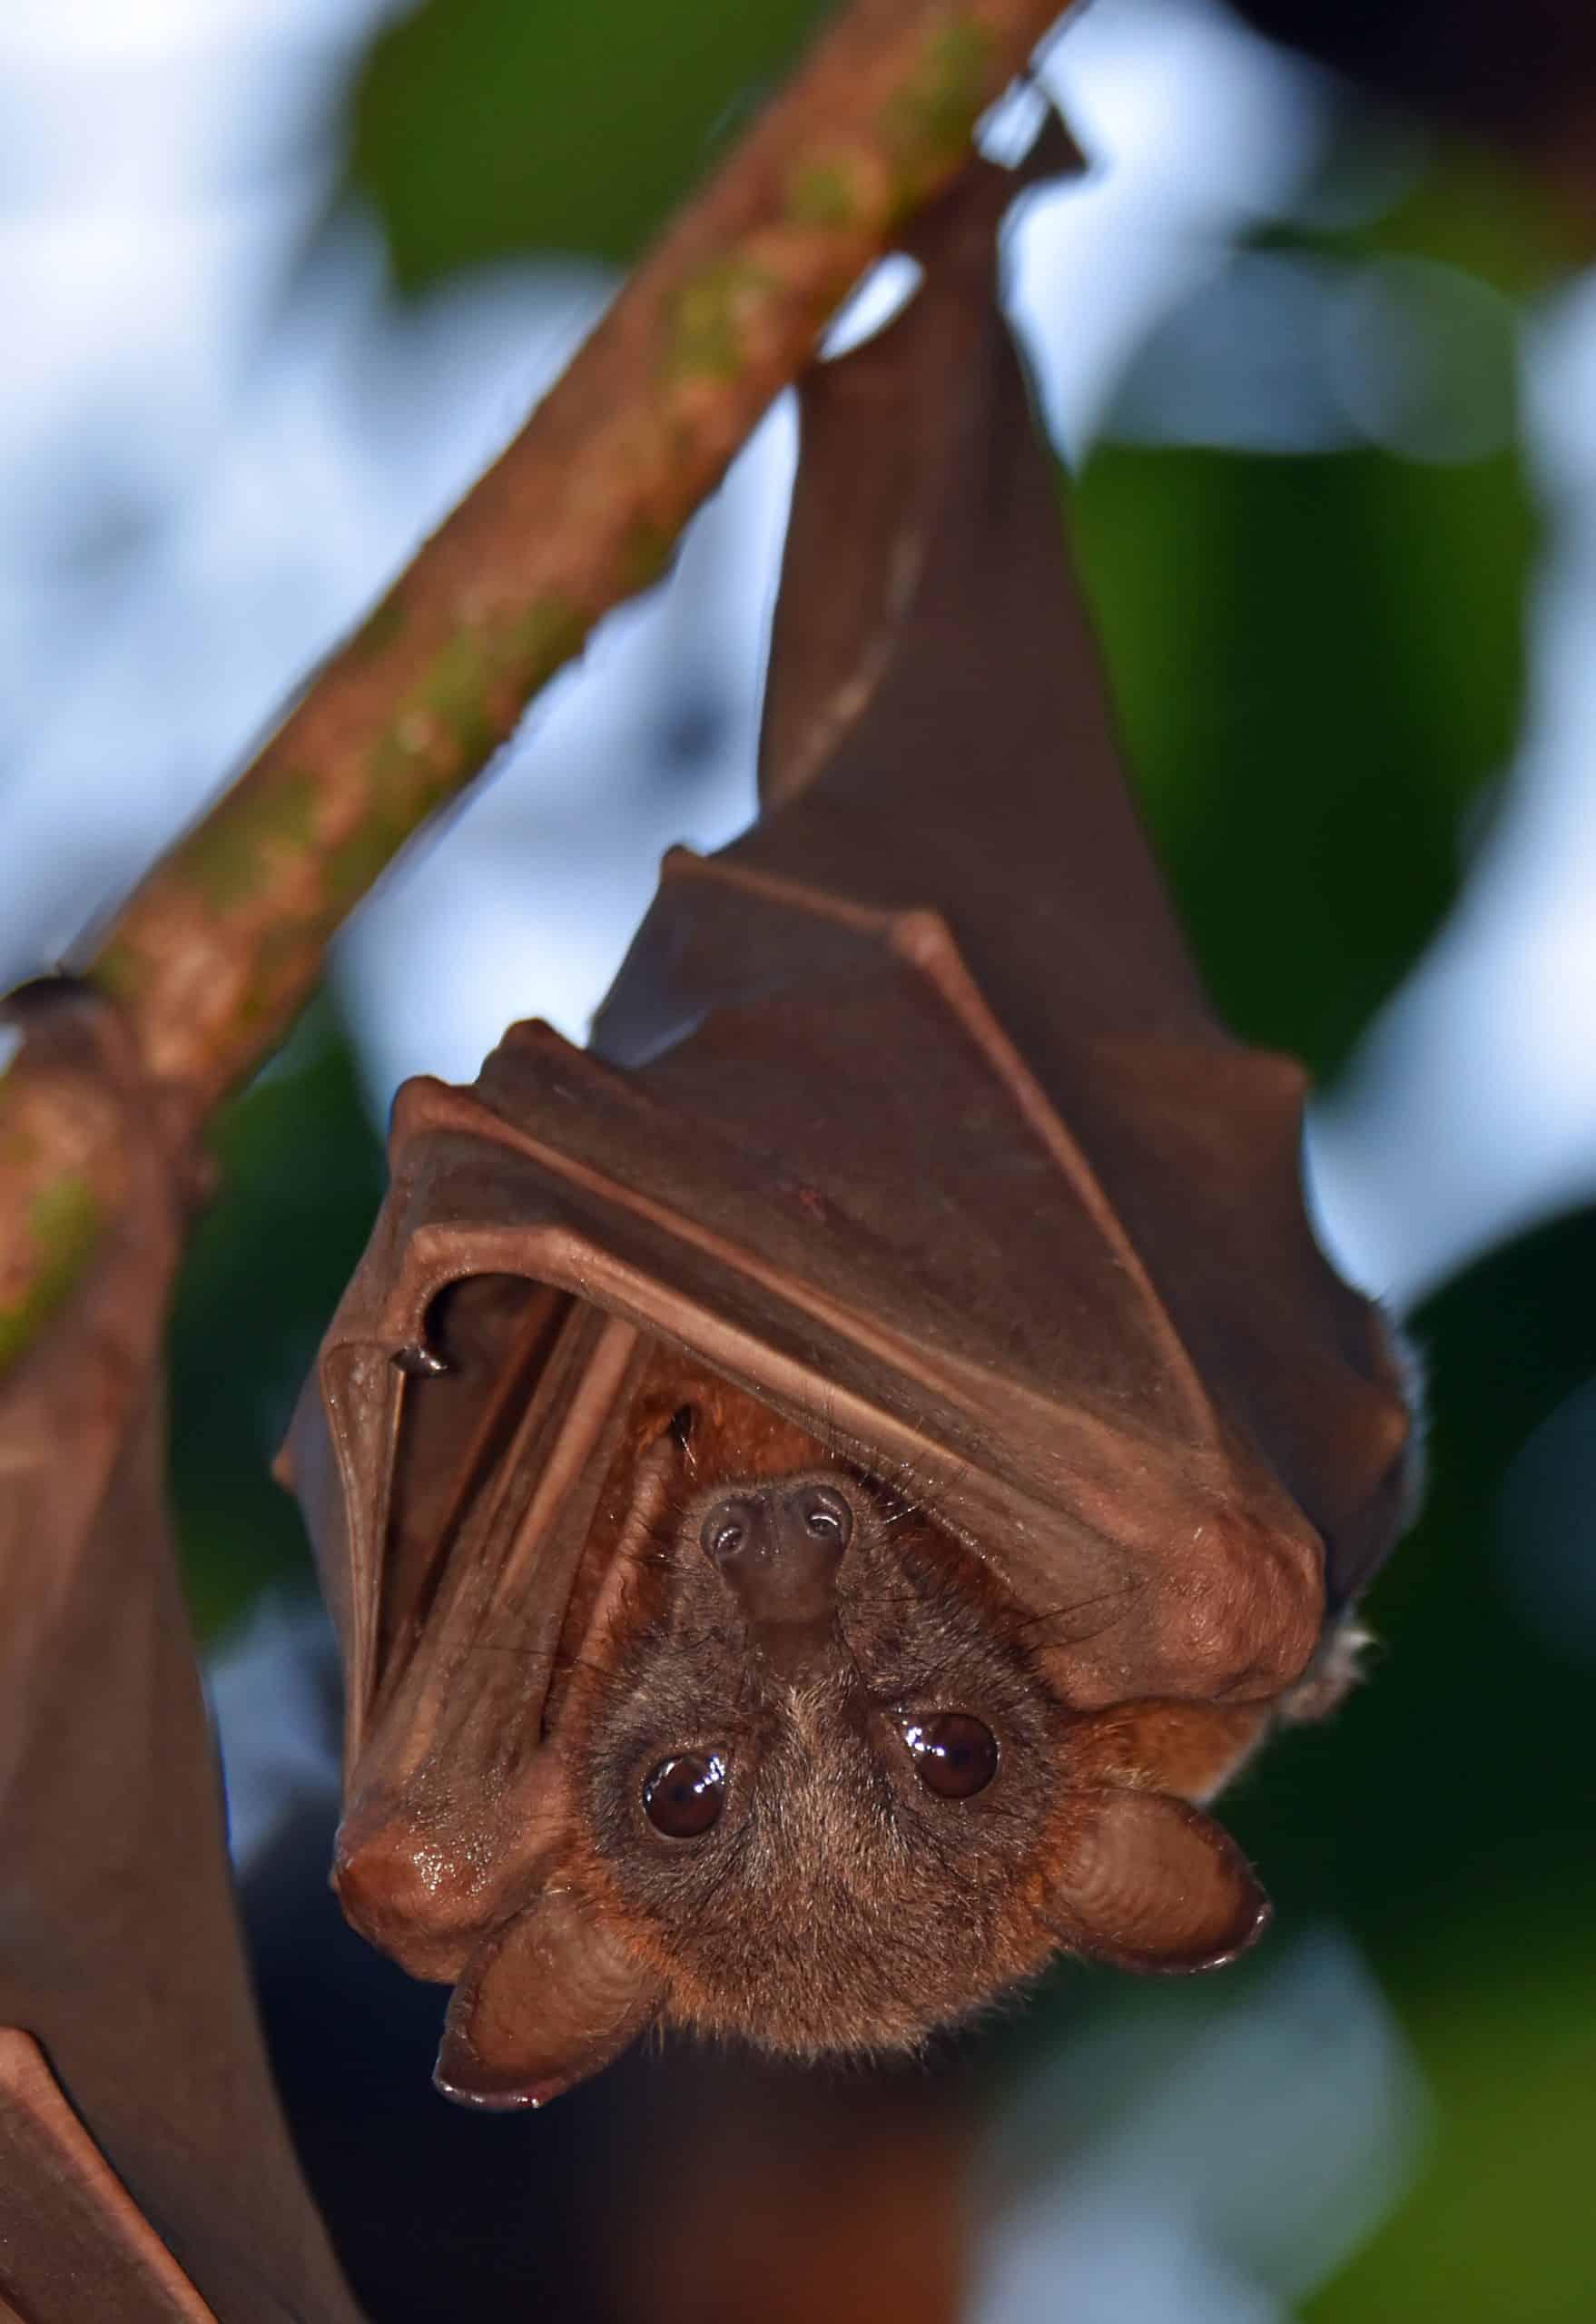 fruit bat hanging upside down